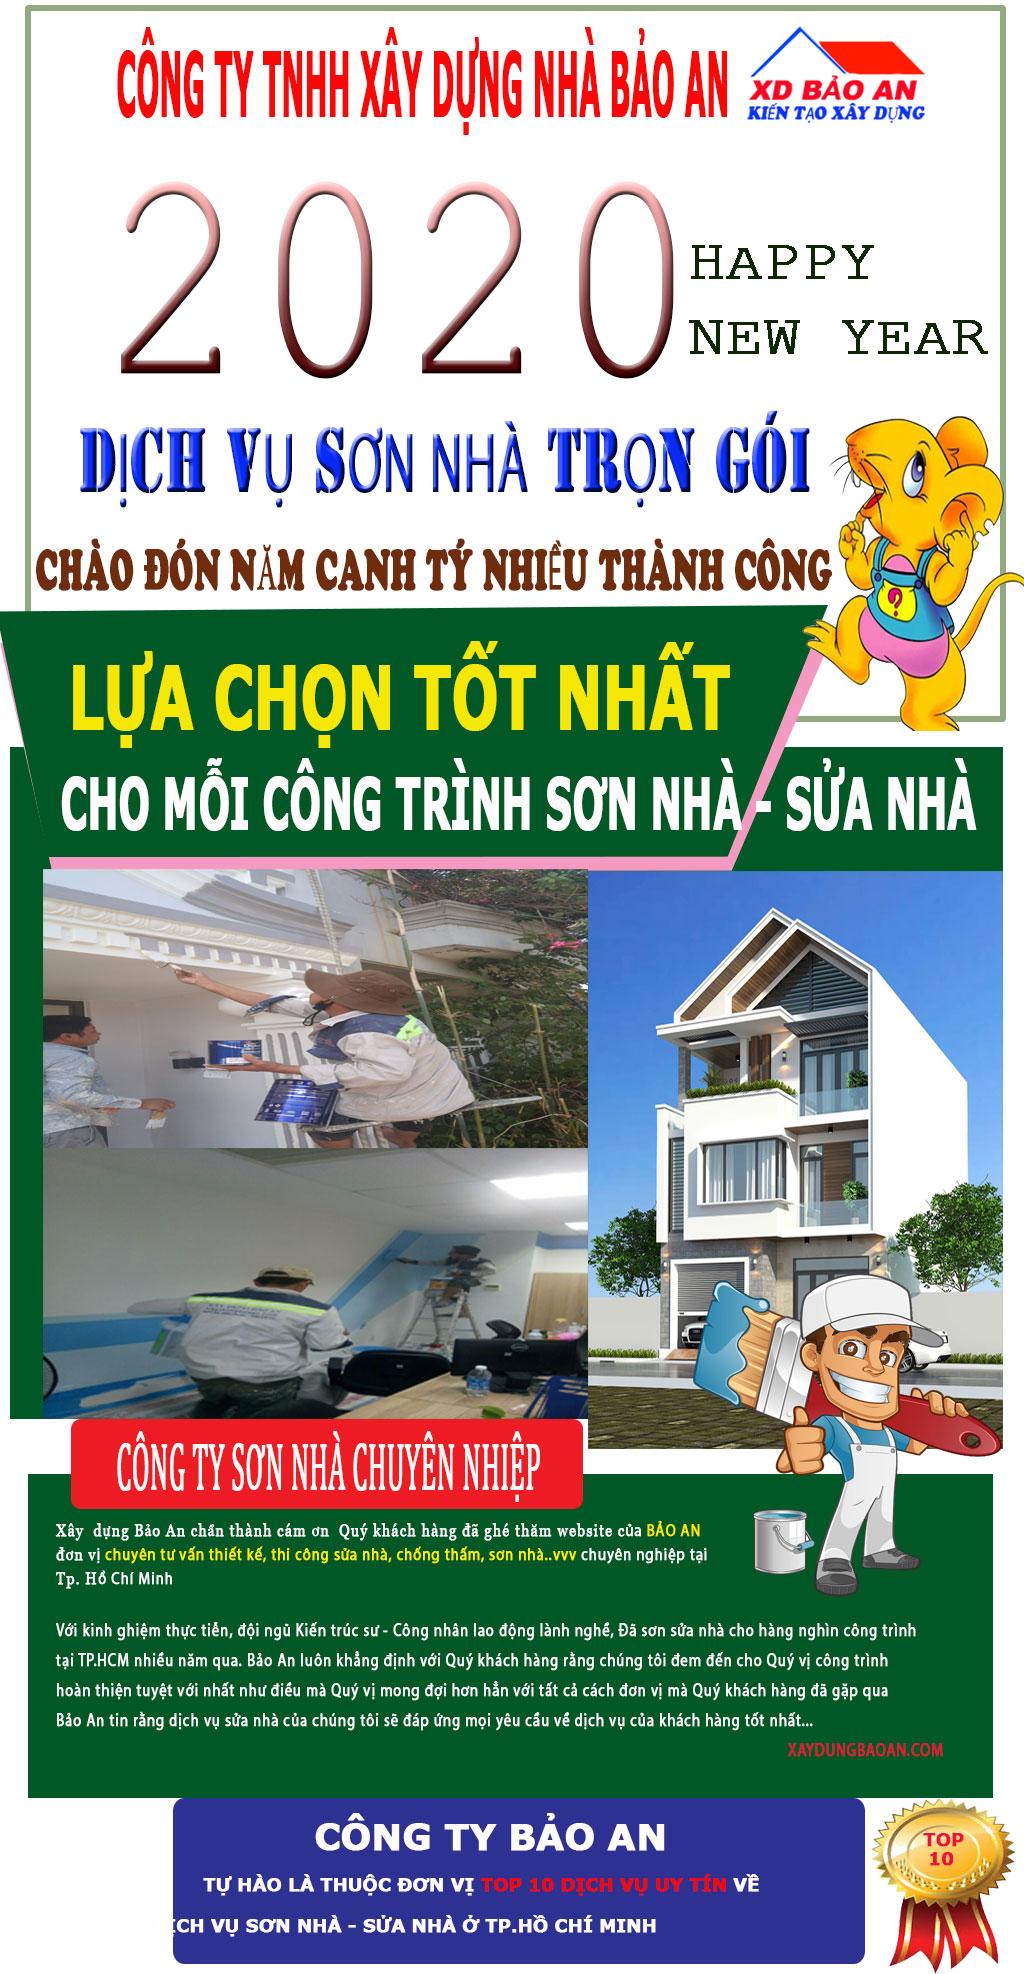 Dịch vụ sơn nhà ở quận 2 giá rẻ